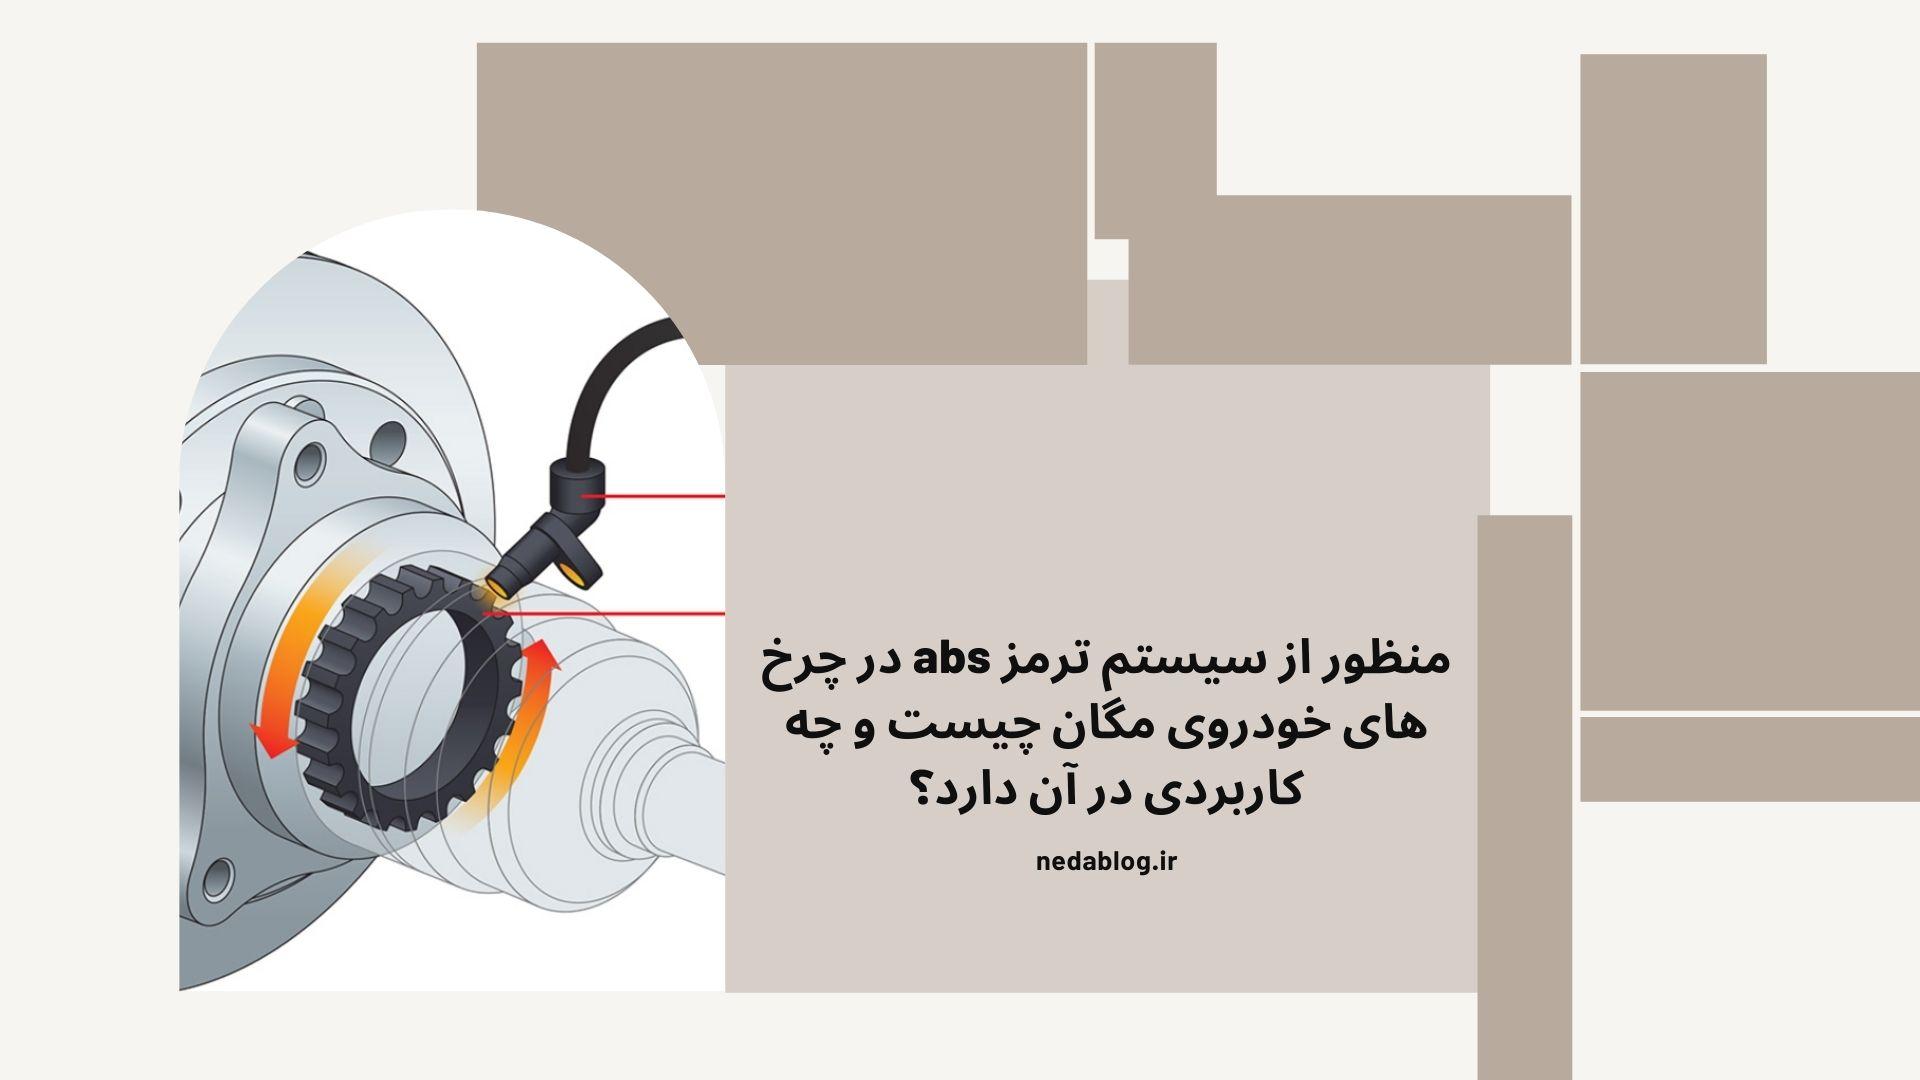 منظور از سیستم ترمز abs در چرخ های خودروی مگان چیست و چه کاربردی در آن دارد؟